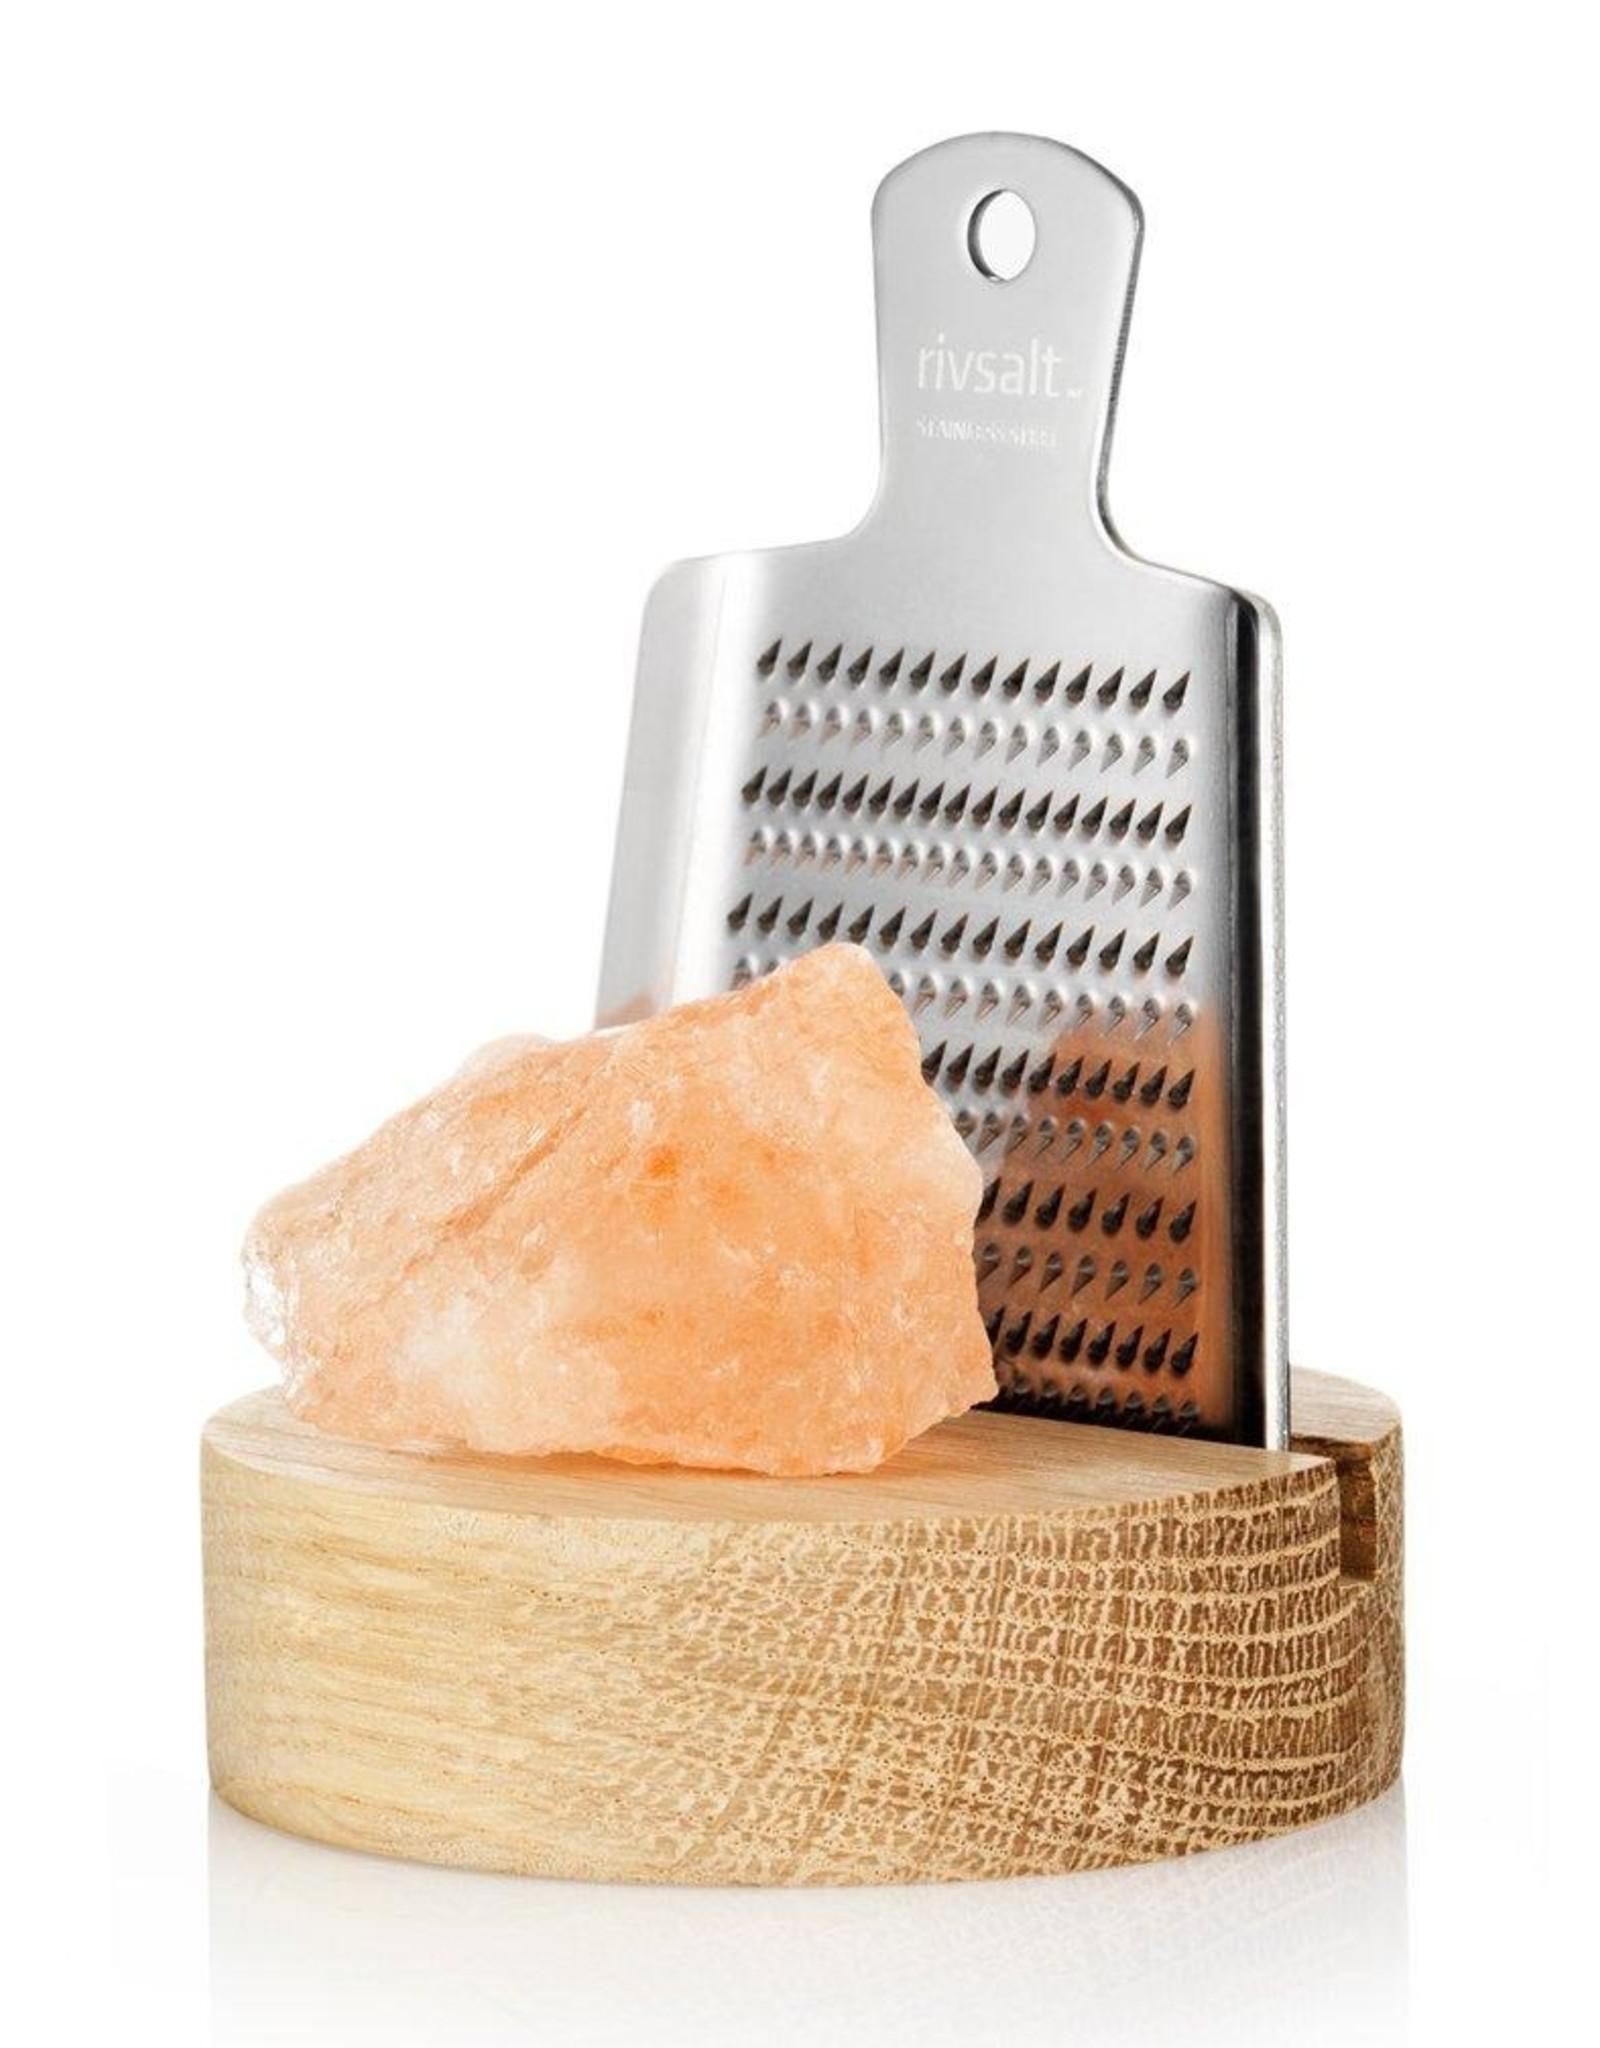 RIVSALT Original Himalayan Rock Salt Gift Set